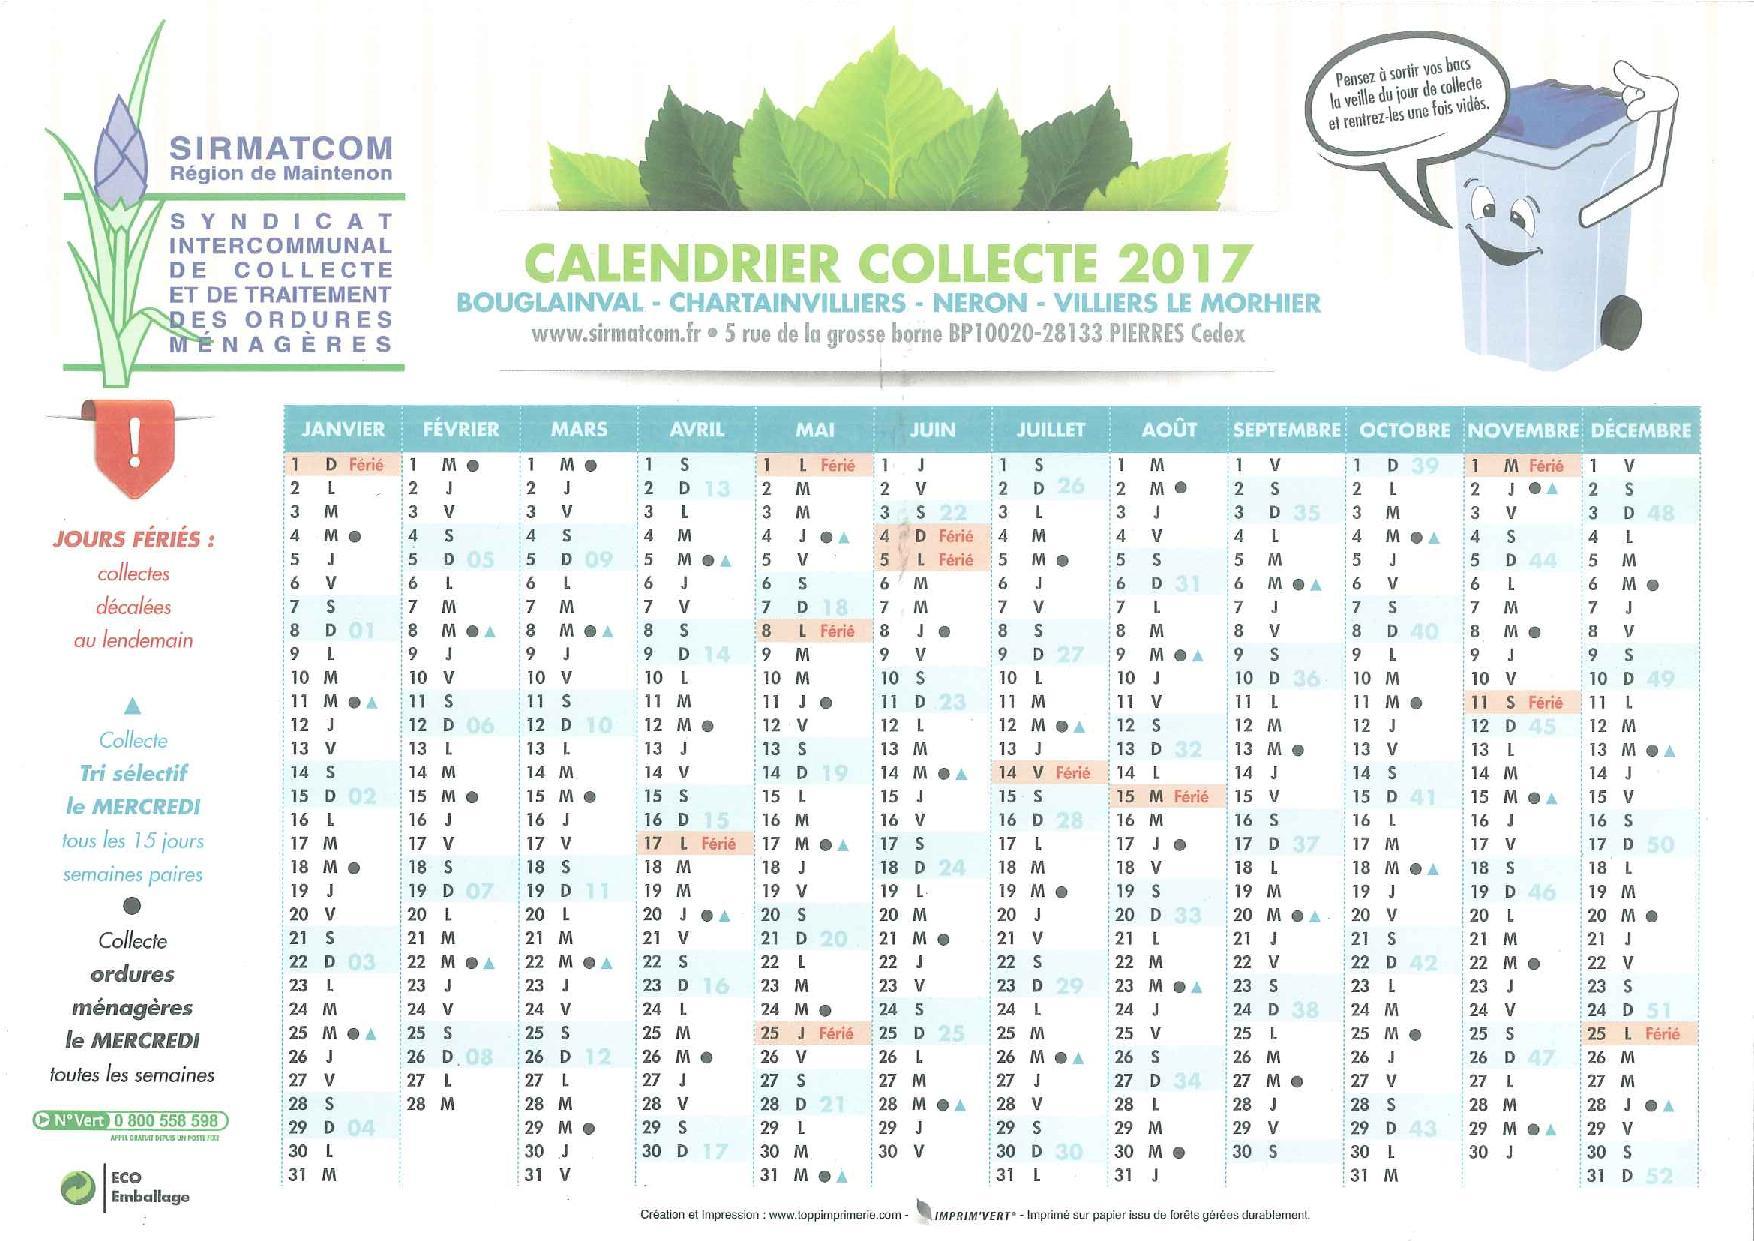 calendrier-collecte-2017